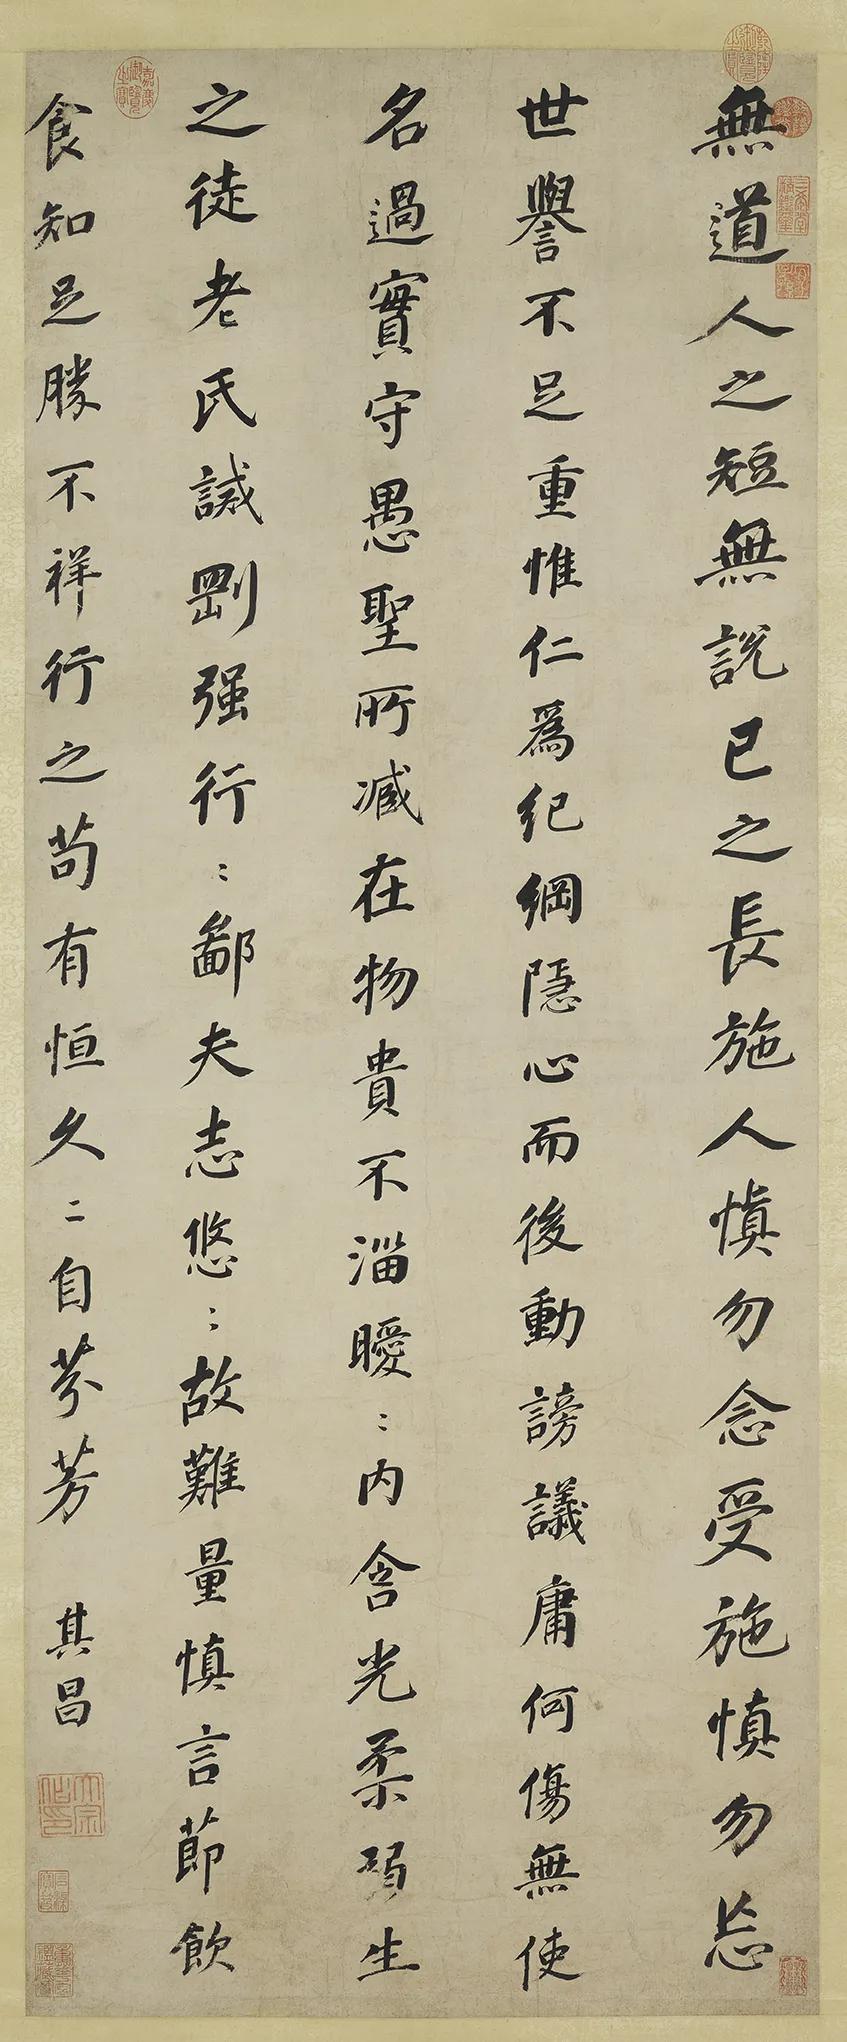 明 董其昌 楷书 崔子玉座右铭轴 纸本   132.5×53.5cm 上海博物馆藏